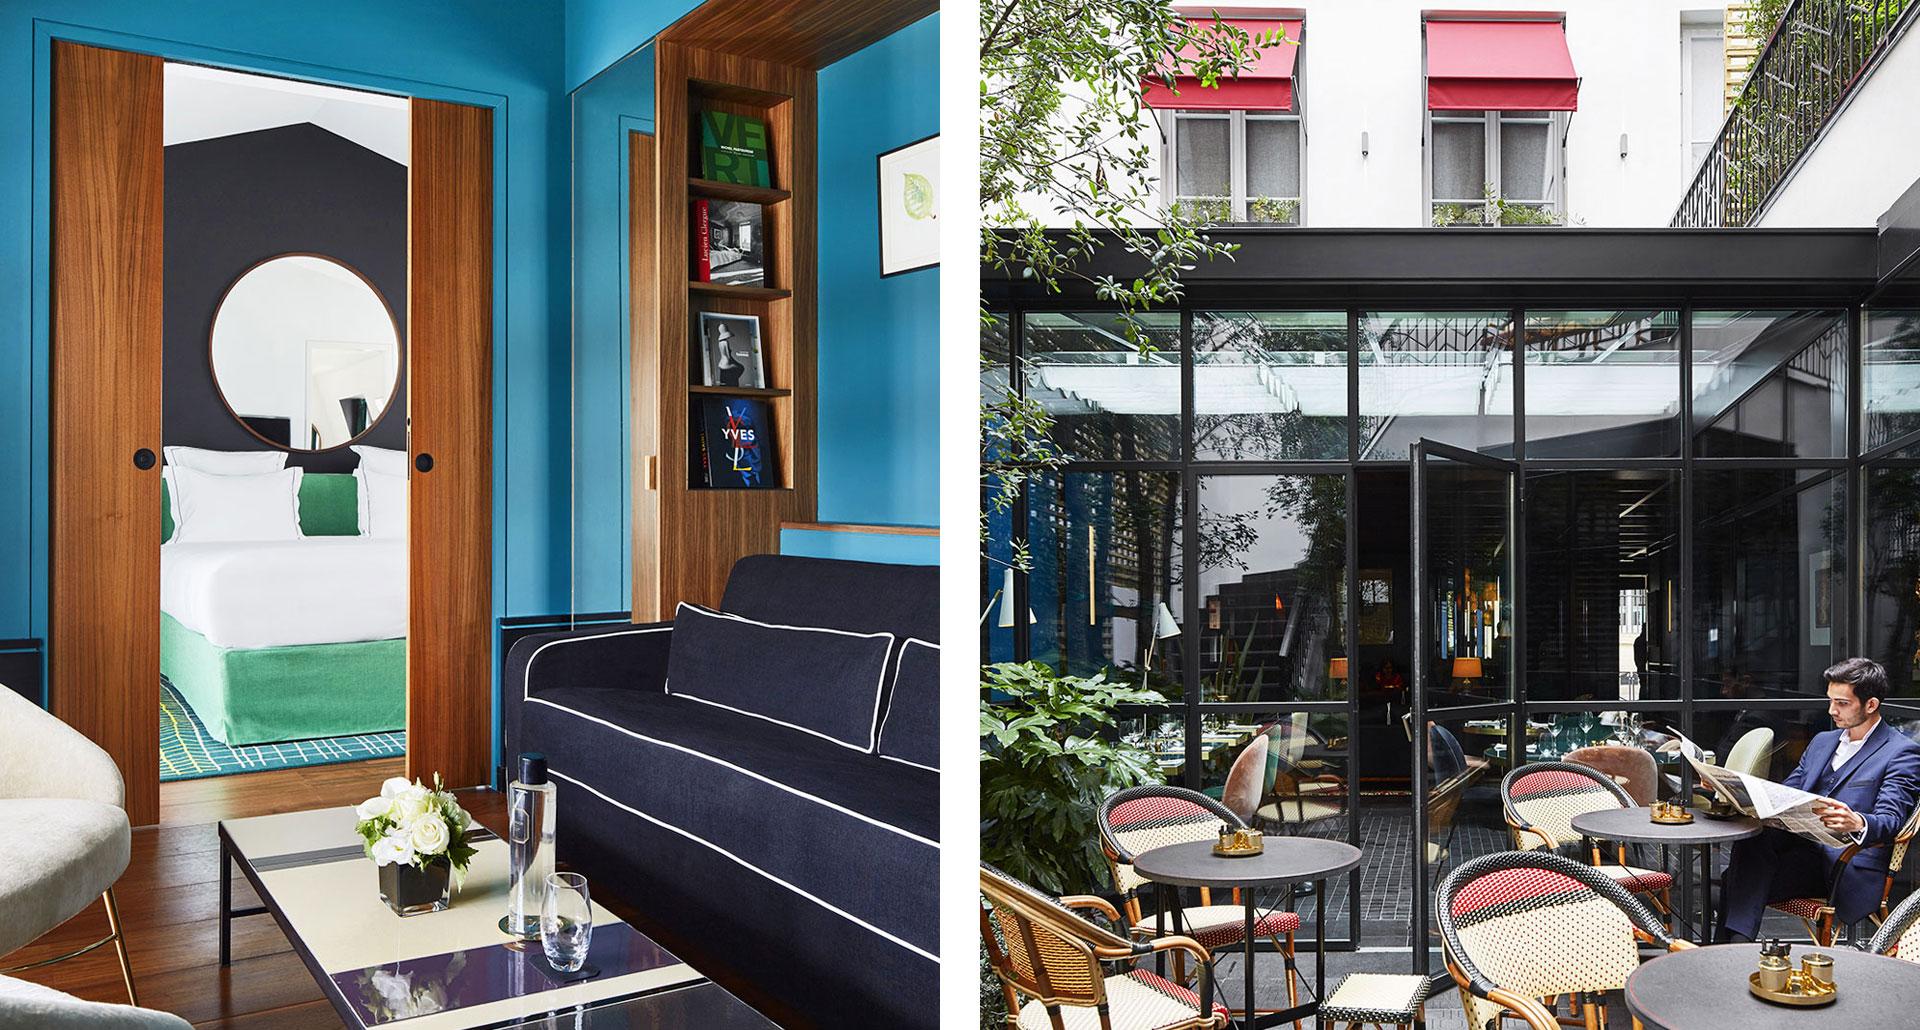 Le Roch Hotel & Spa - boutique hotel in Paris